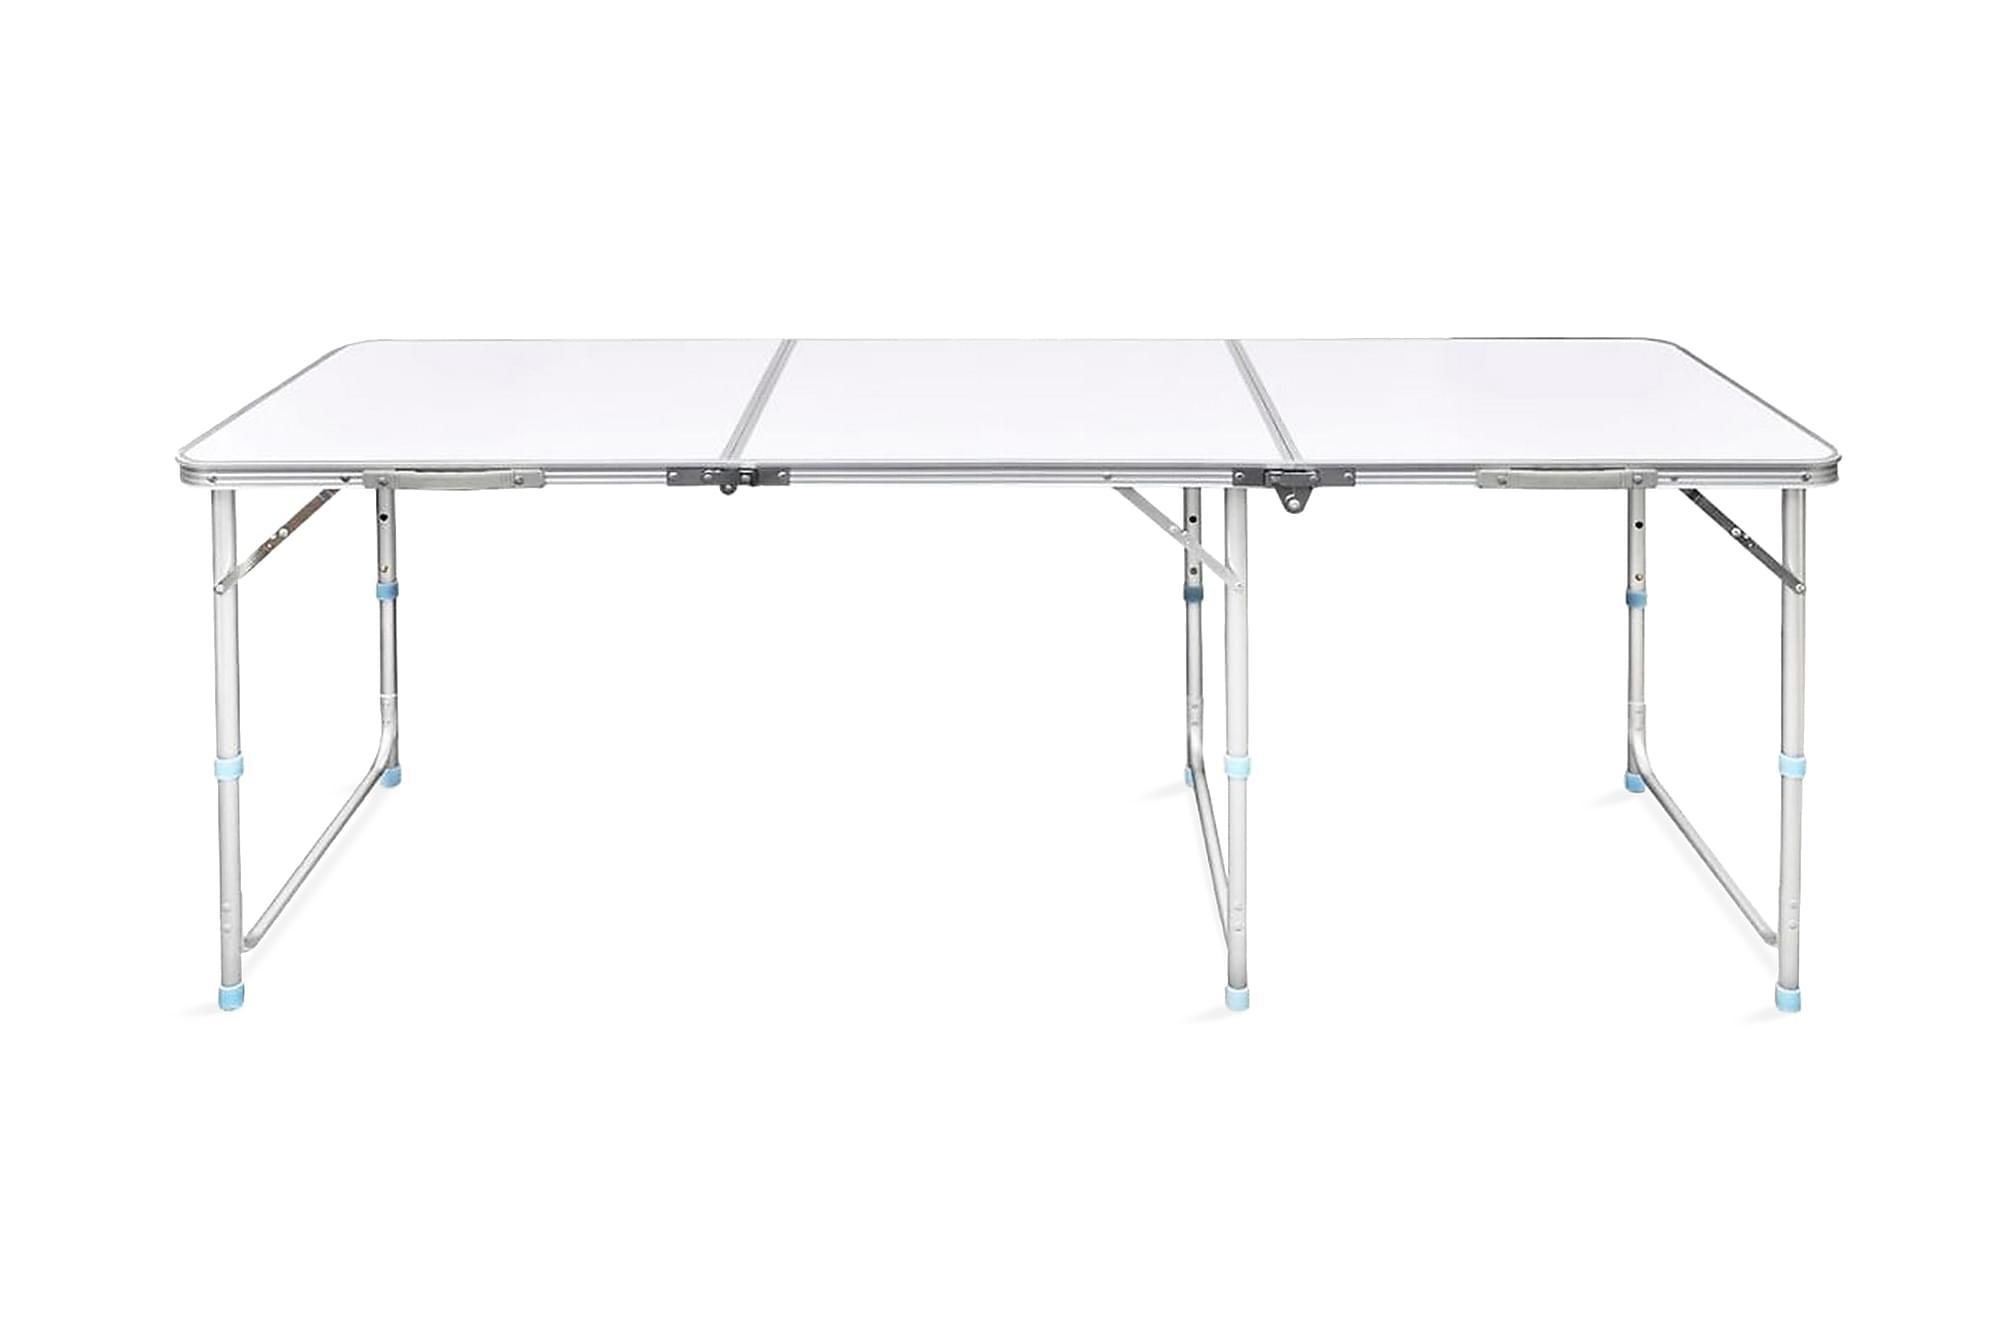 Hopfällbart campingbord m. justerbar höjd Aluminium 180x60cm, Campingbord